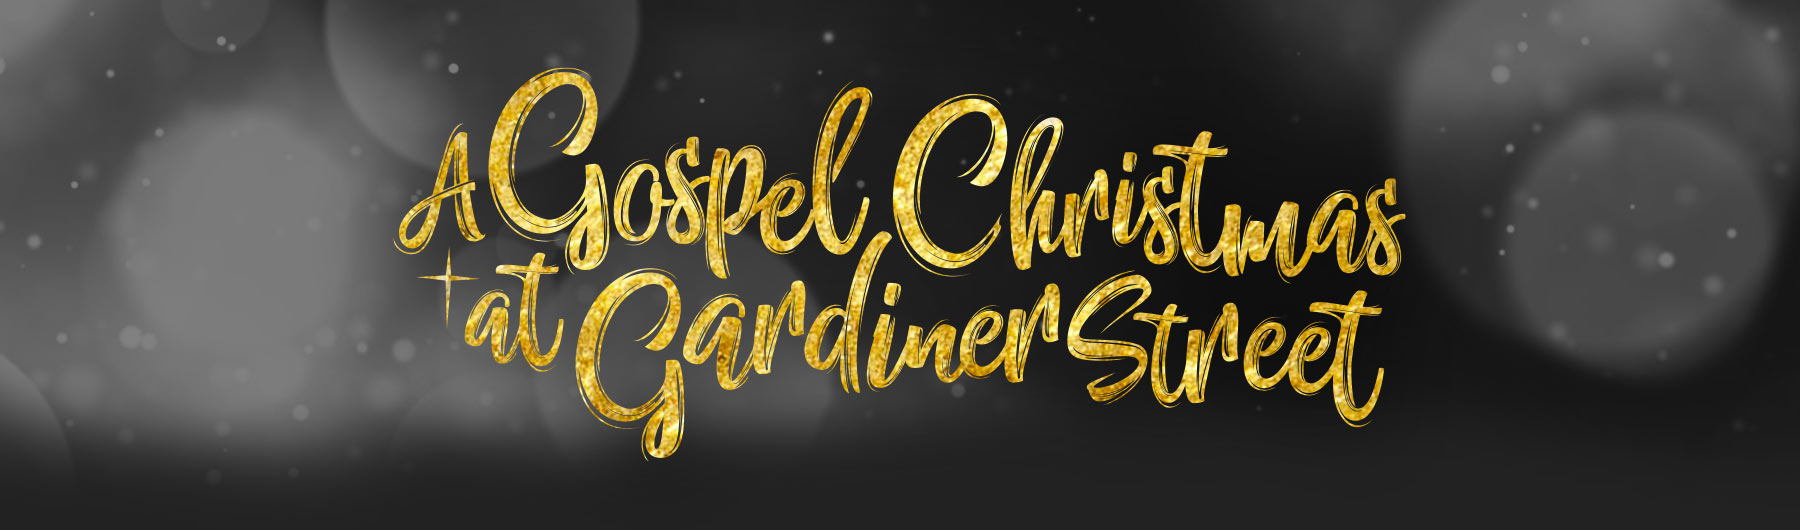 A Gospel Christmas at Gardiner Street!